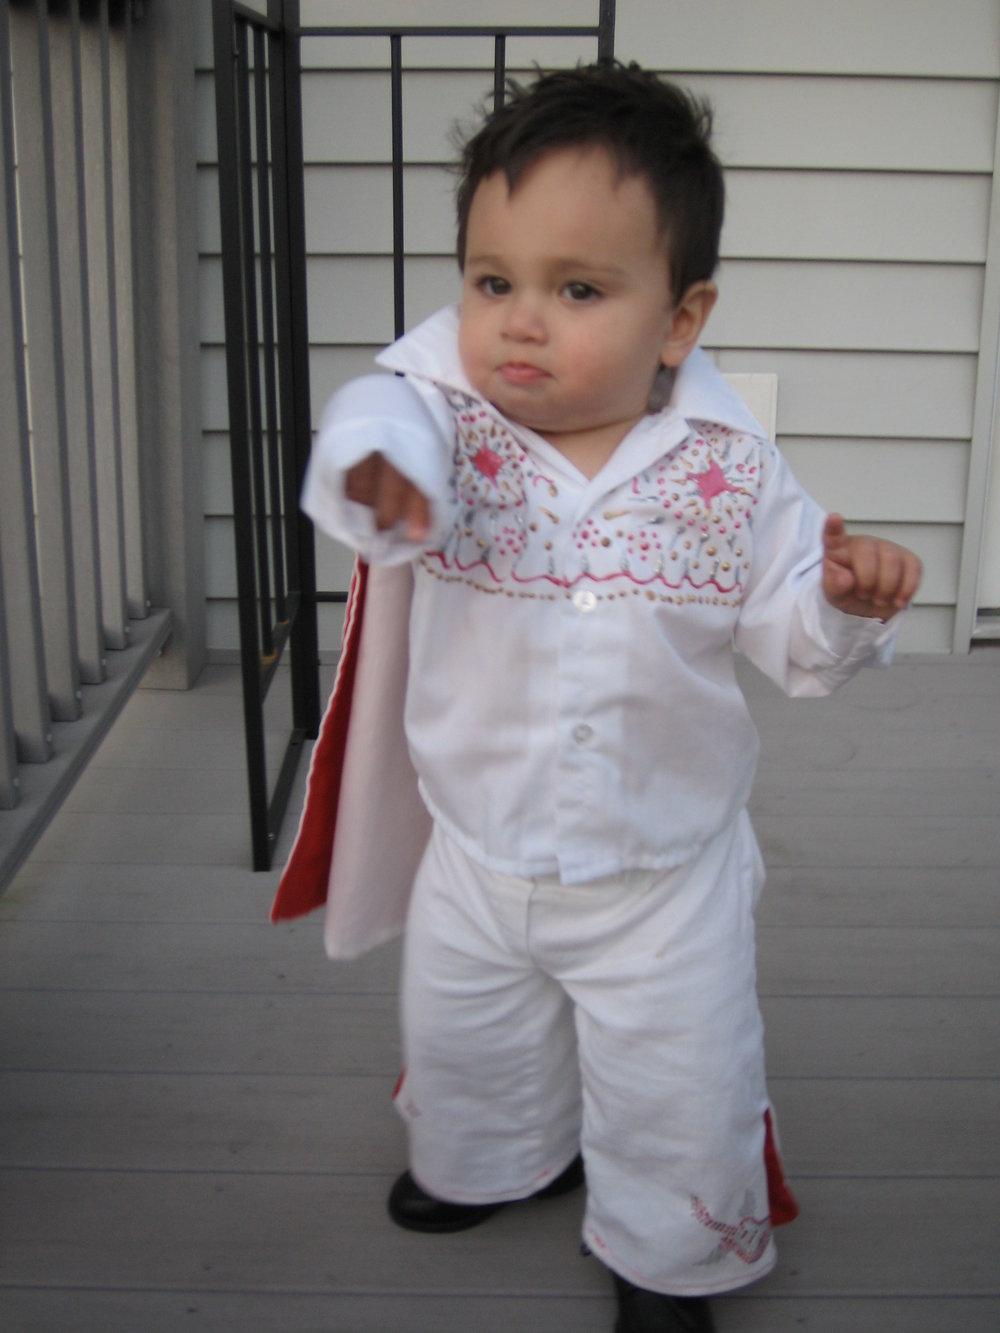 Elvis for Halloween (14) xavier 2008.JPG